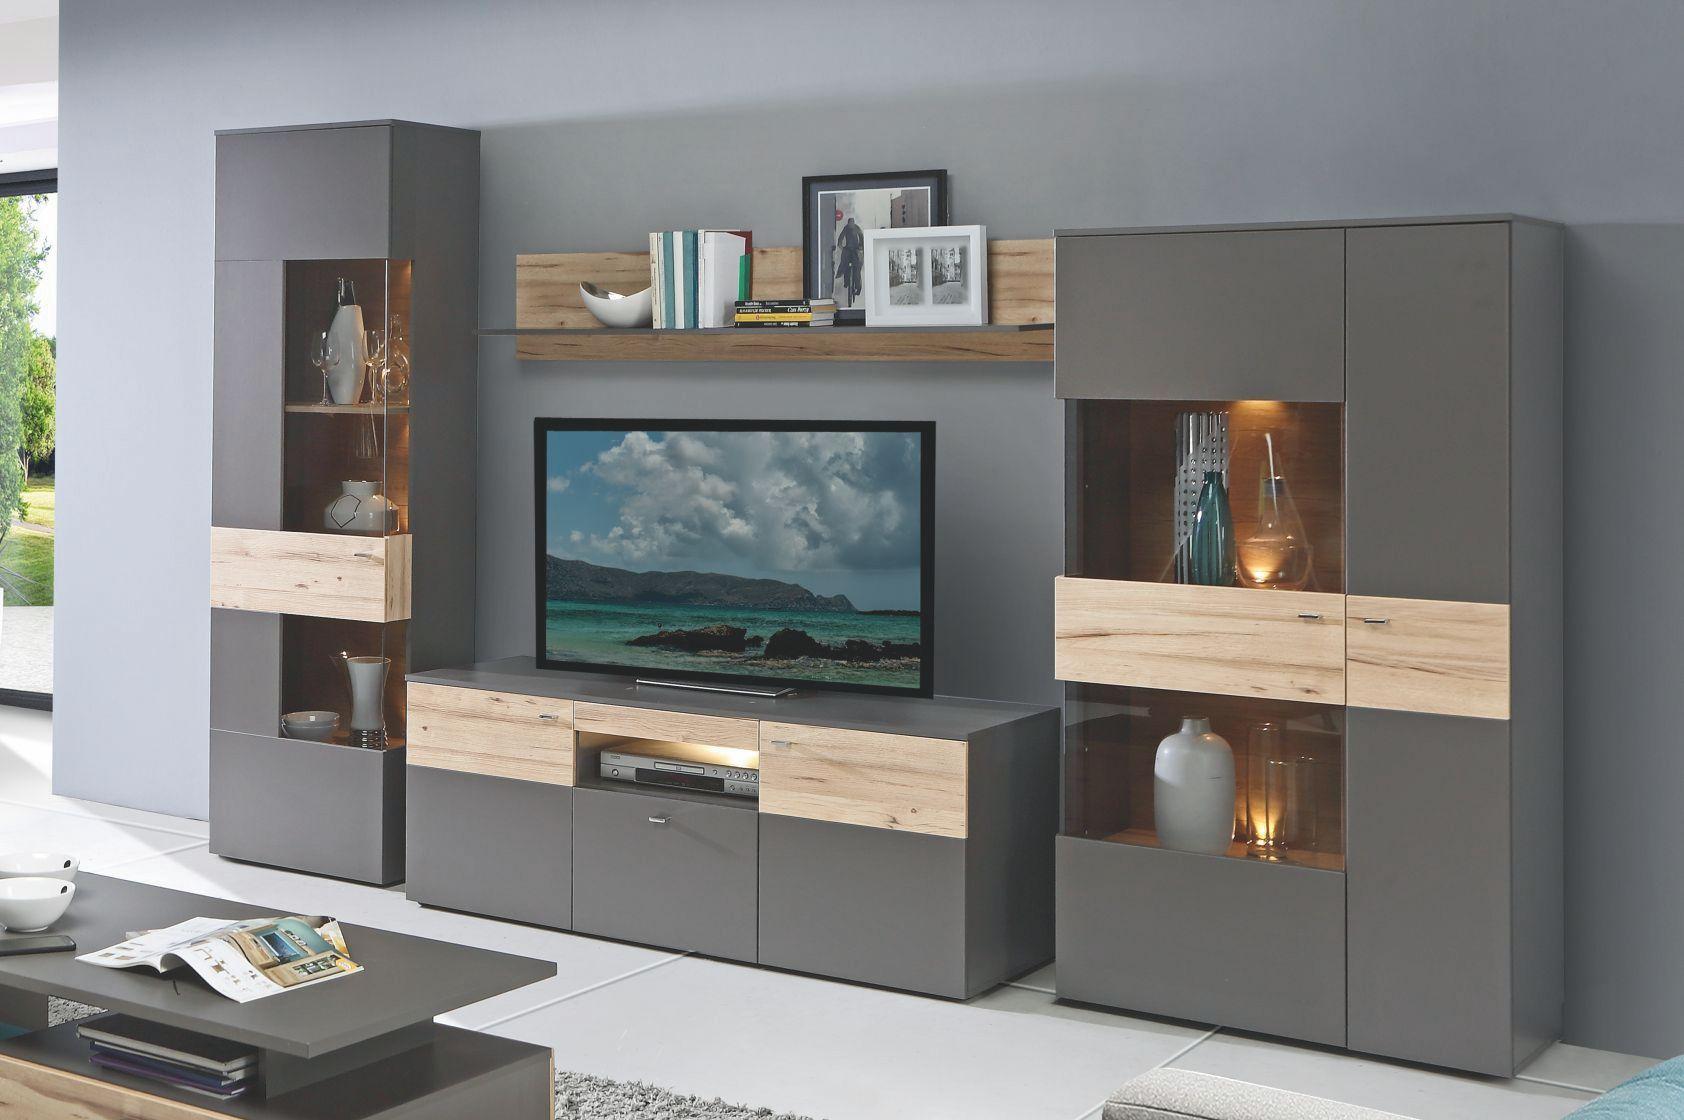 Wohnwand Grau Mit Absetzung In Planked Eiche Mit Beleuchtung Woody 77 01129  Holz Modern Jetzt